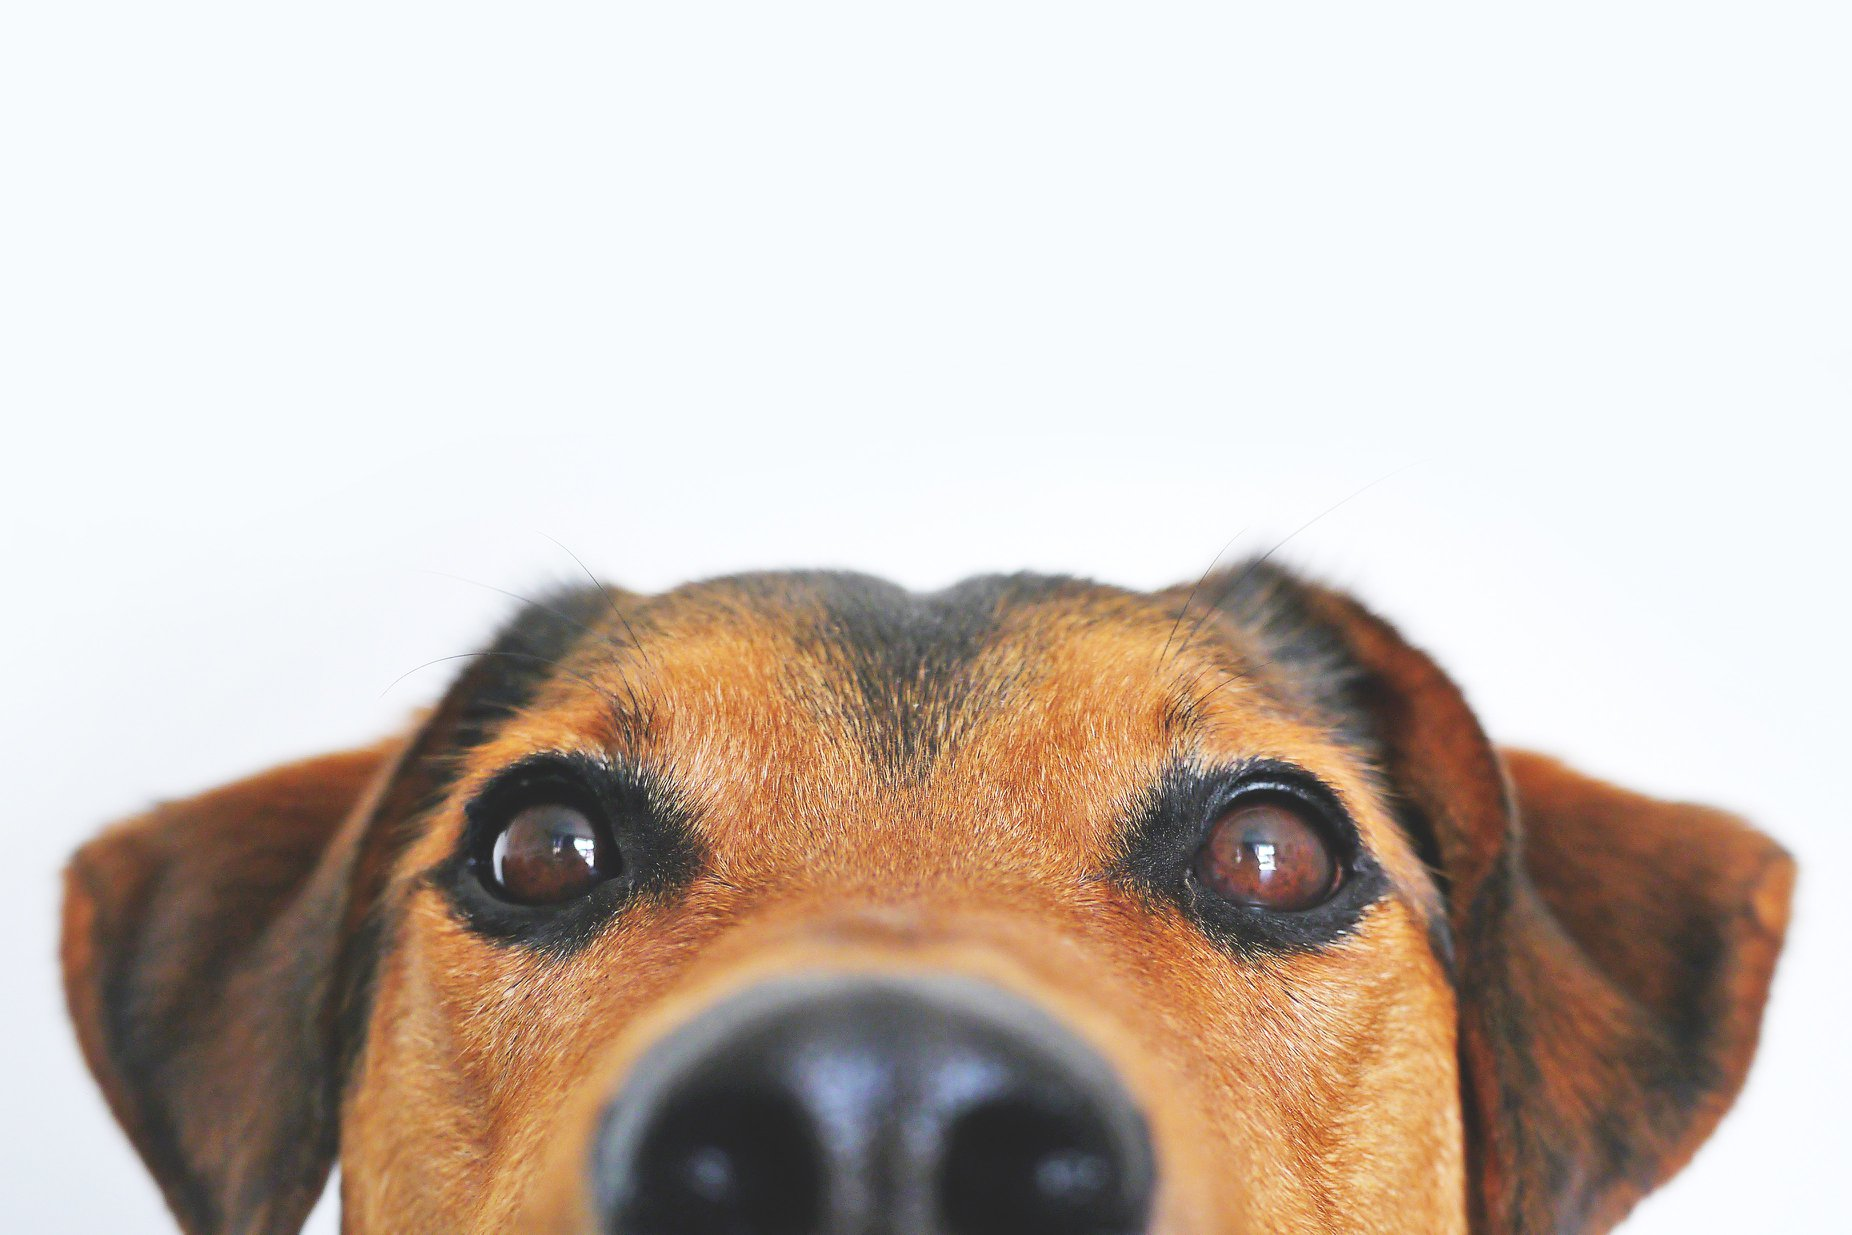 Bodyscan - Ergänzung zum Tierarztbesuch